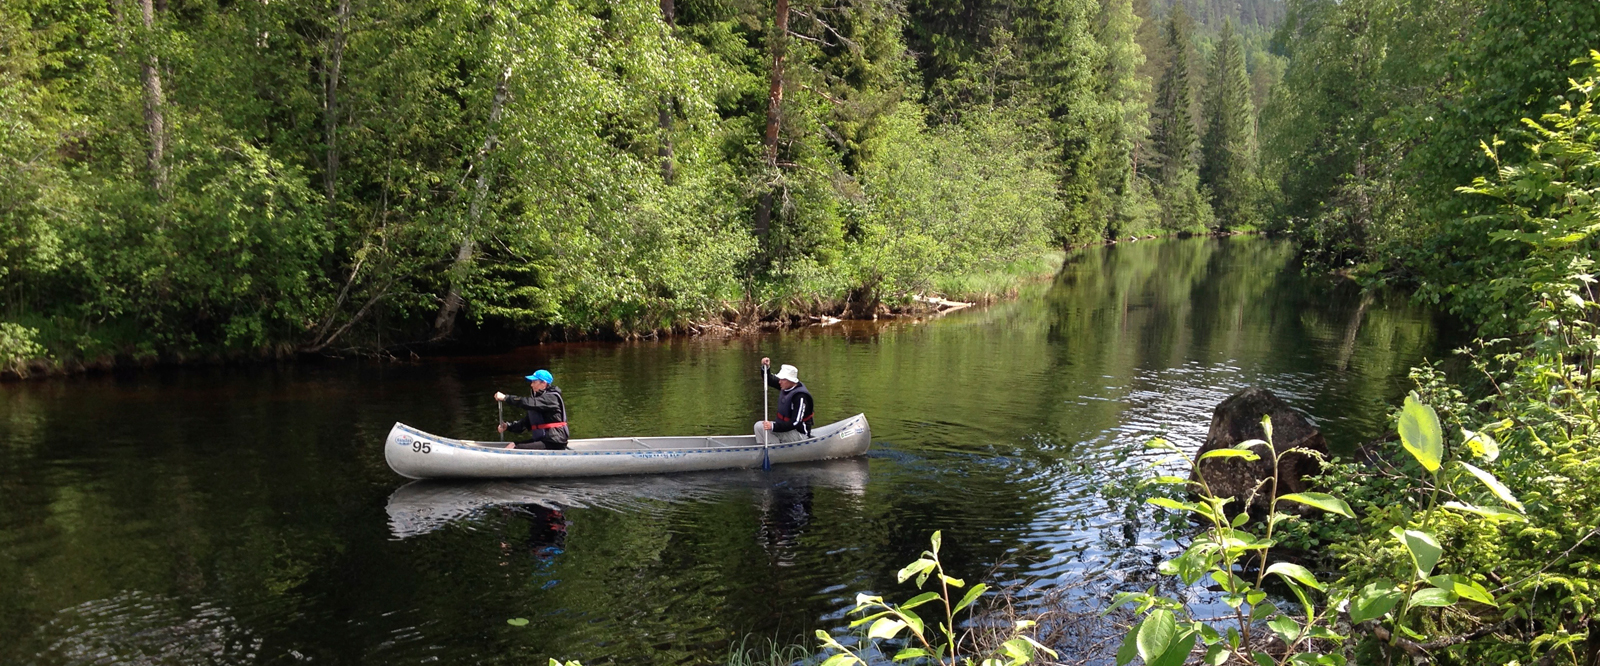 Paddla kanot eller kajak | Visit Torsby